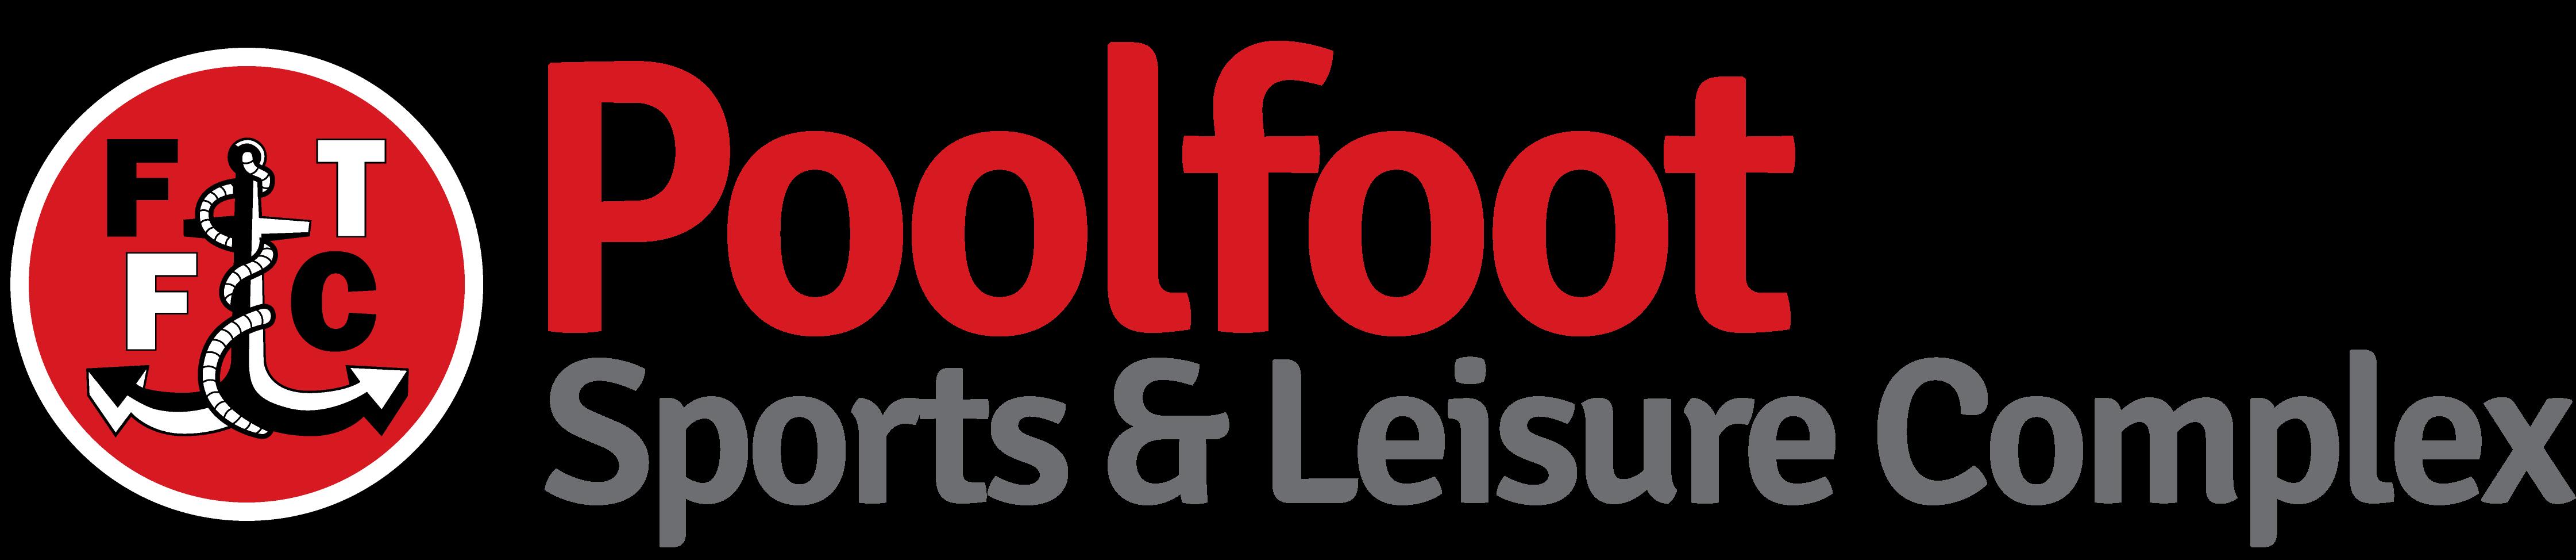 PoolfootFam_Logo5